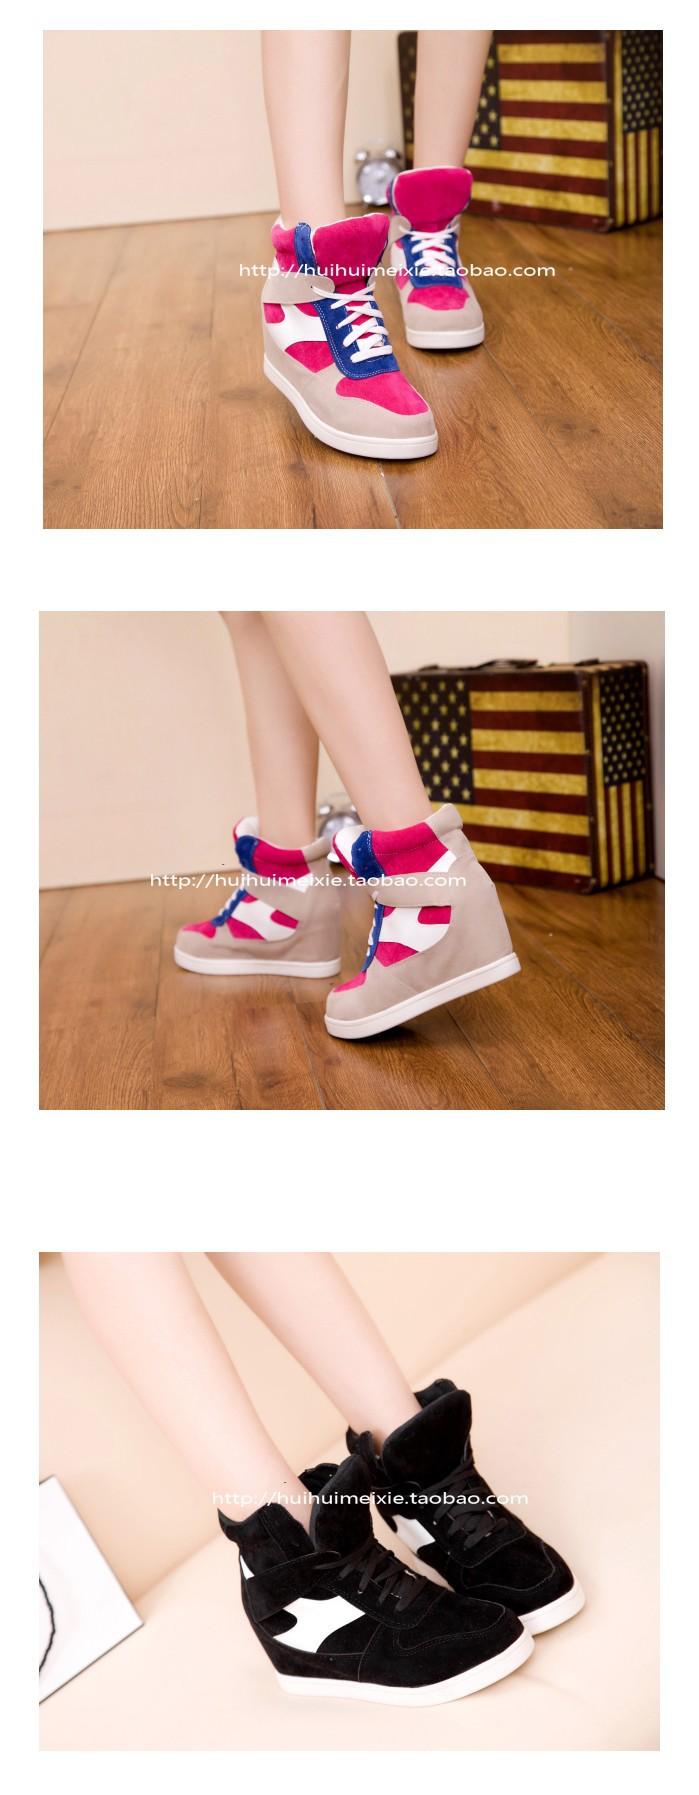 новые дешевые мир женская обувь туфли на высоком bloke высокие кабель лодыжки спортивные Doug обувь квартиры кроссовки 7 вид бесплатная доставка